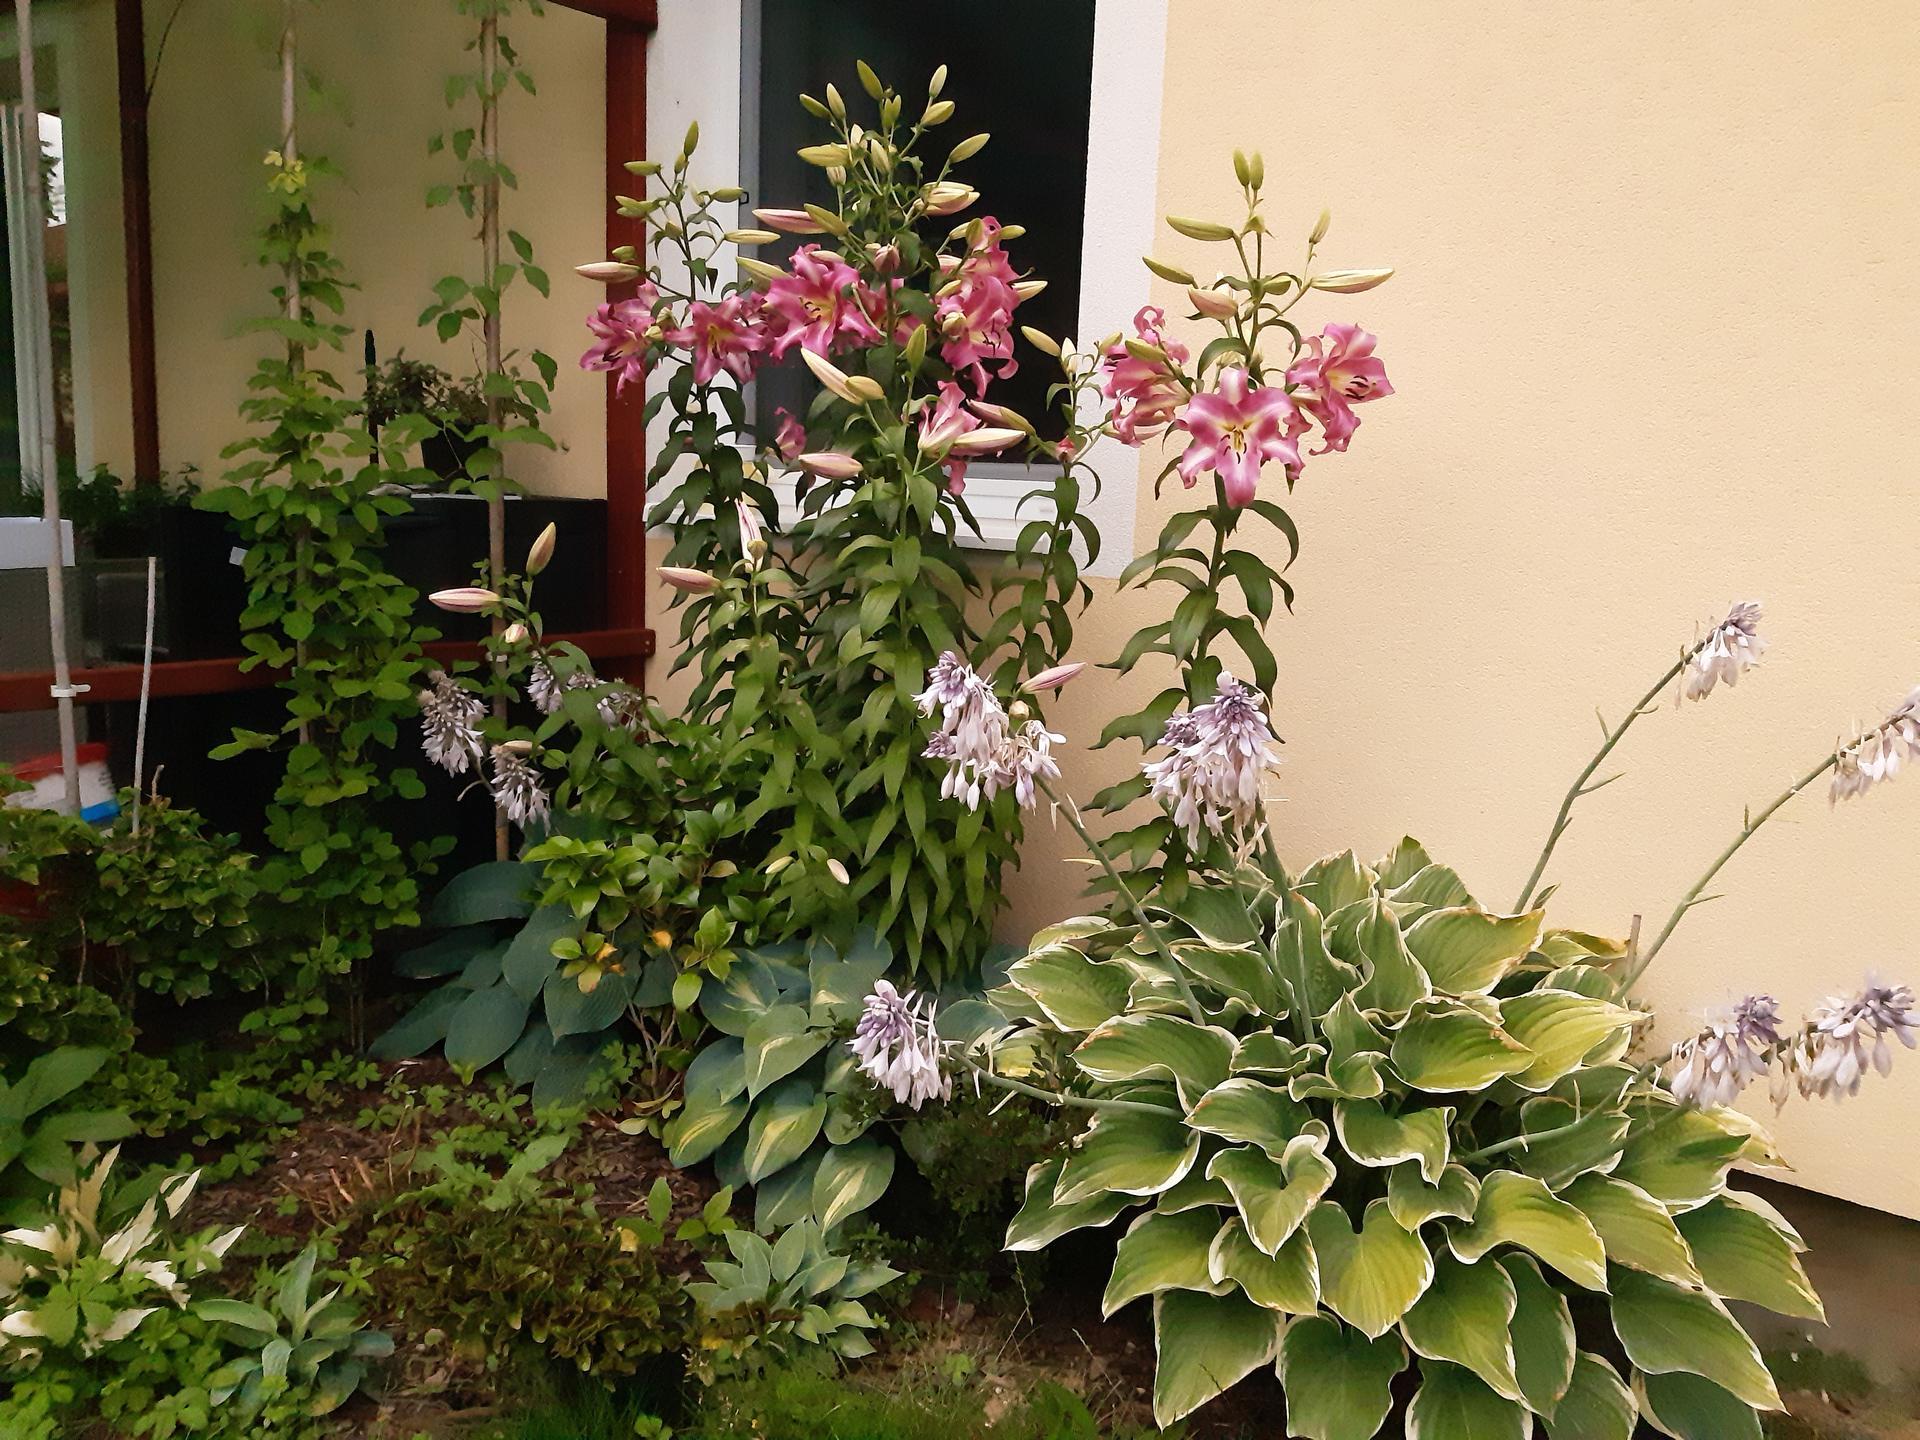 Zahrada 2021 - džungle ve stínu u terasy. Mám tam málo host a moc plevele, na podzim to poladím ;-)